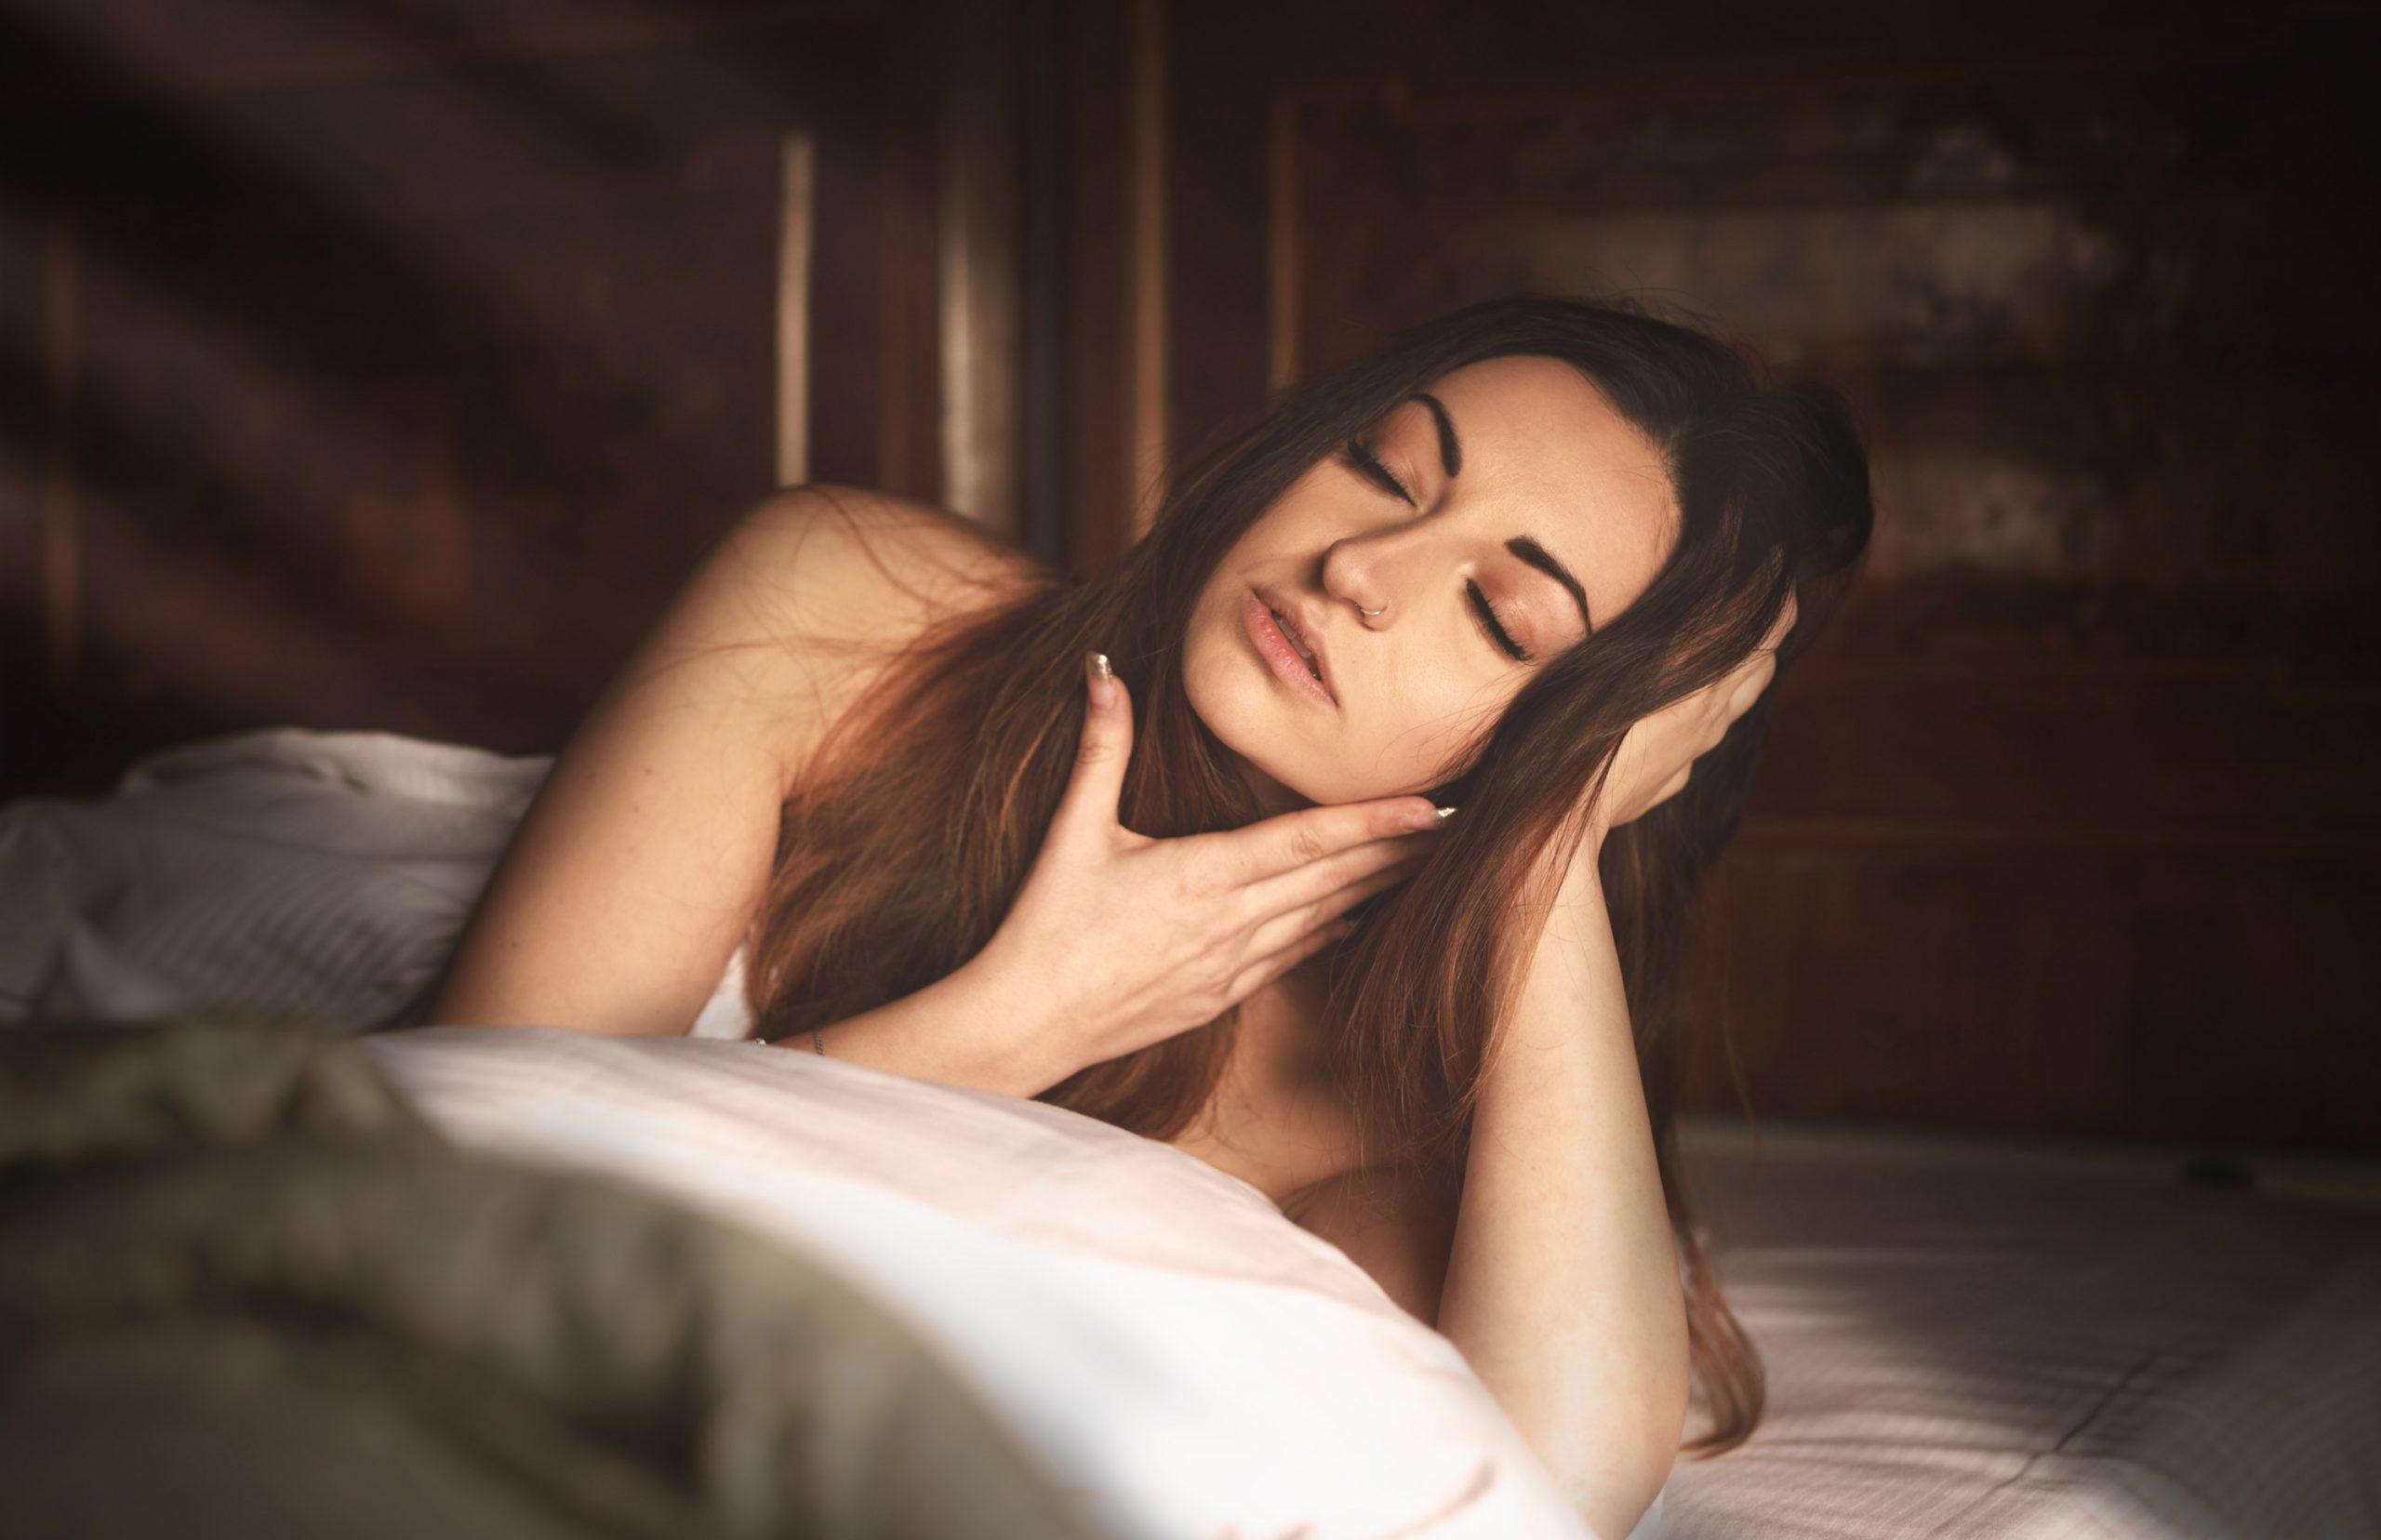 Categorie: Boudoir & Nude, Glamour, Portrait; Photographer: LUCA BARTOLI (ElleBierre photographer); Model: JESSICA KERCI; Mua: ANTONELLA IOVINE; Location: Ferrara, FE, Italia